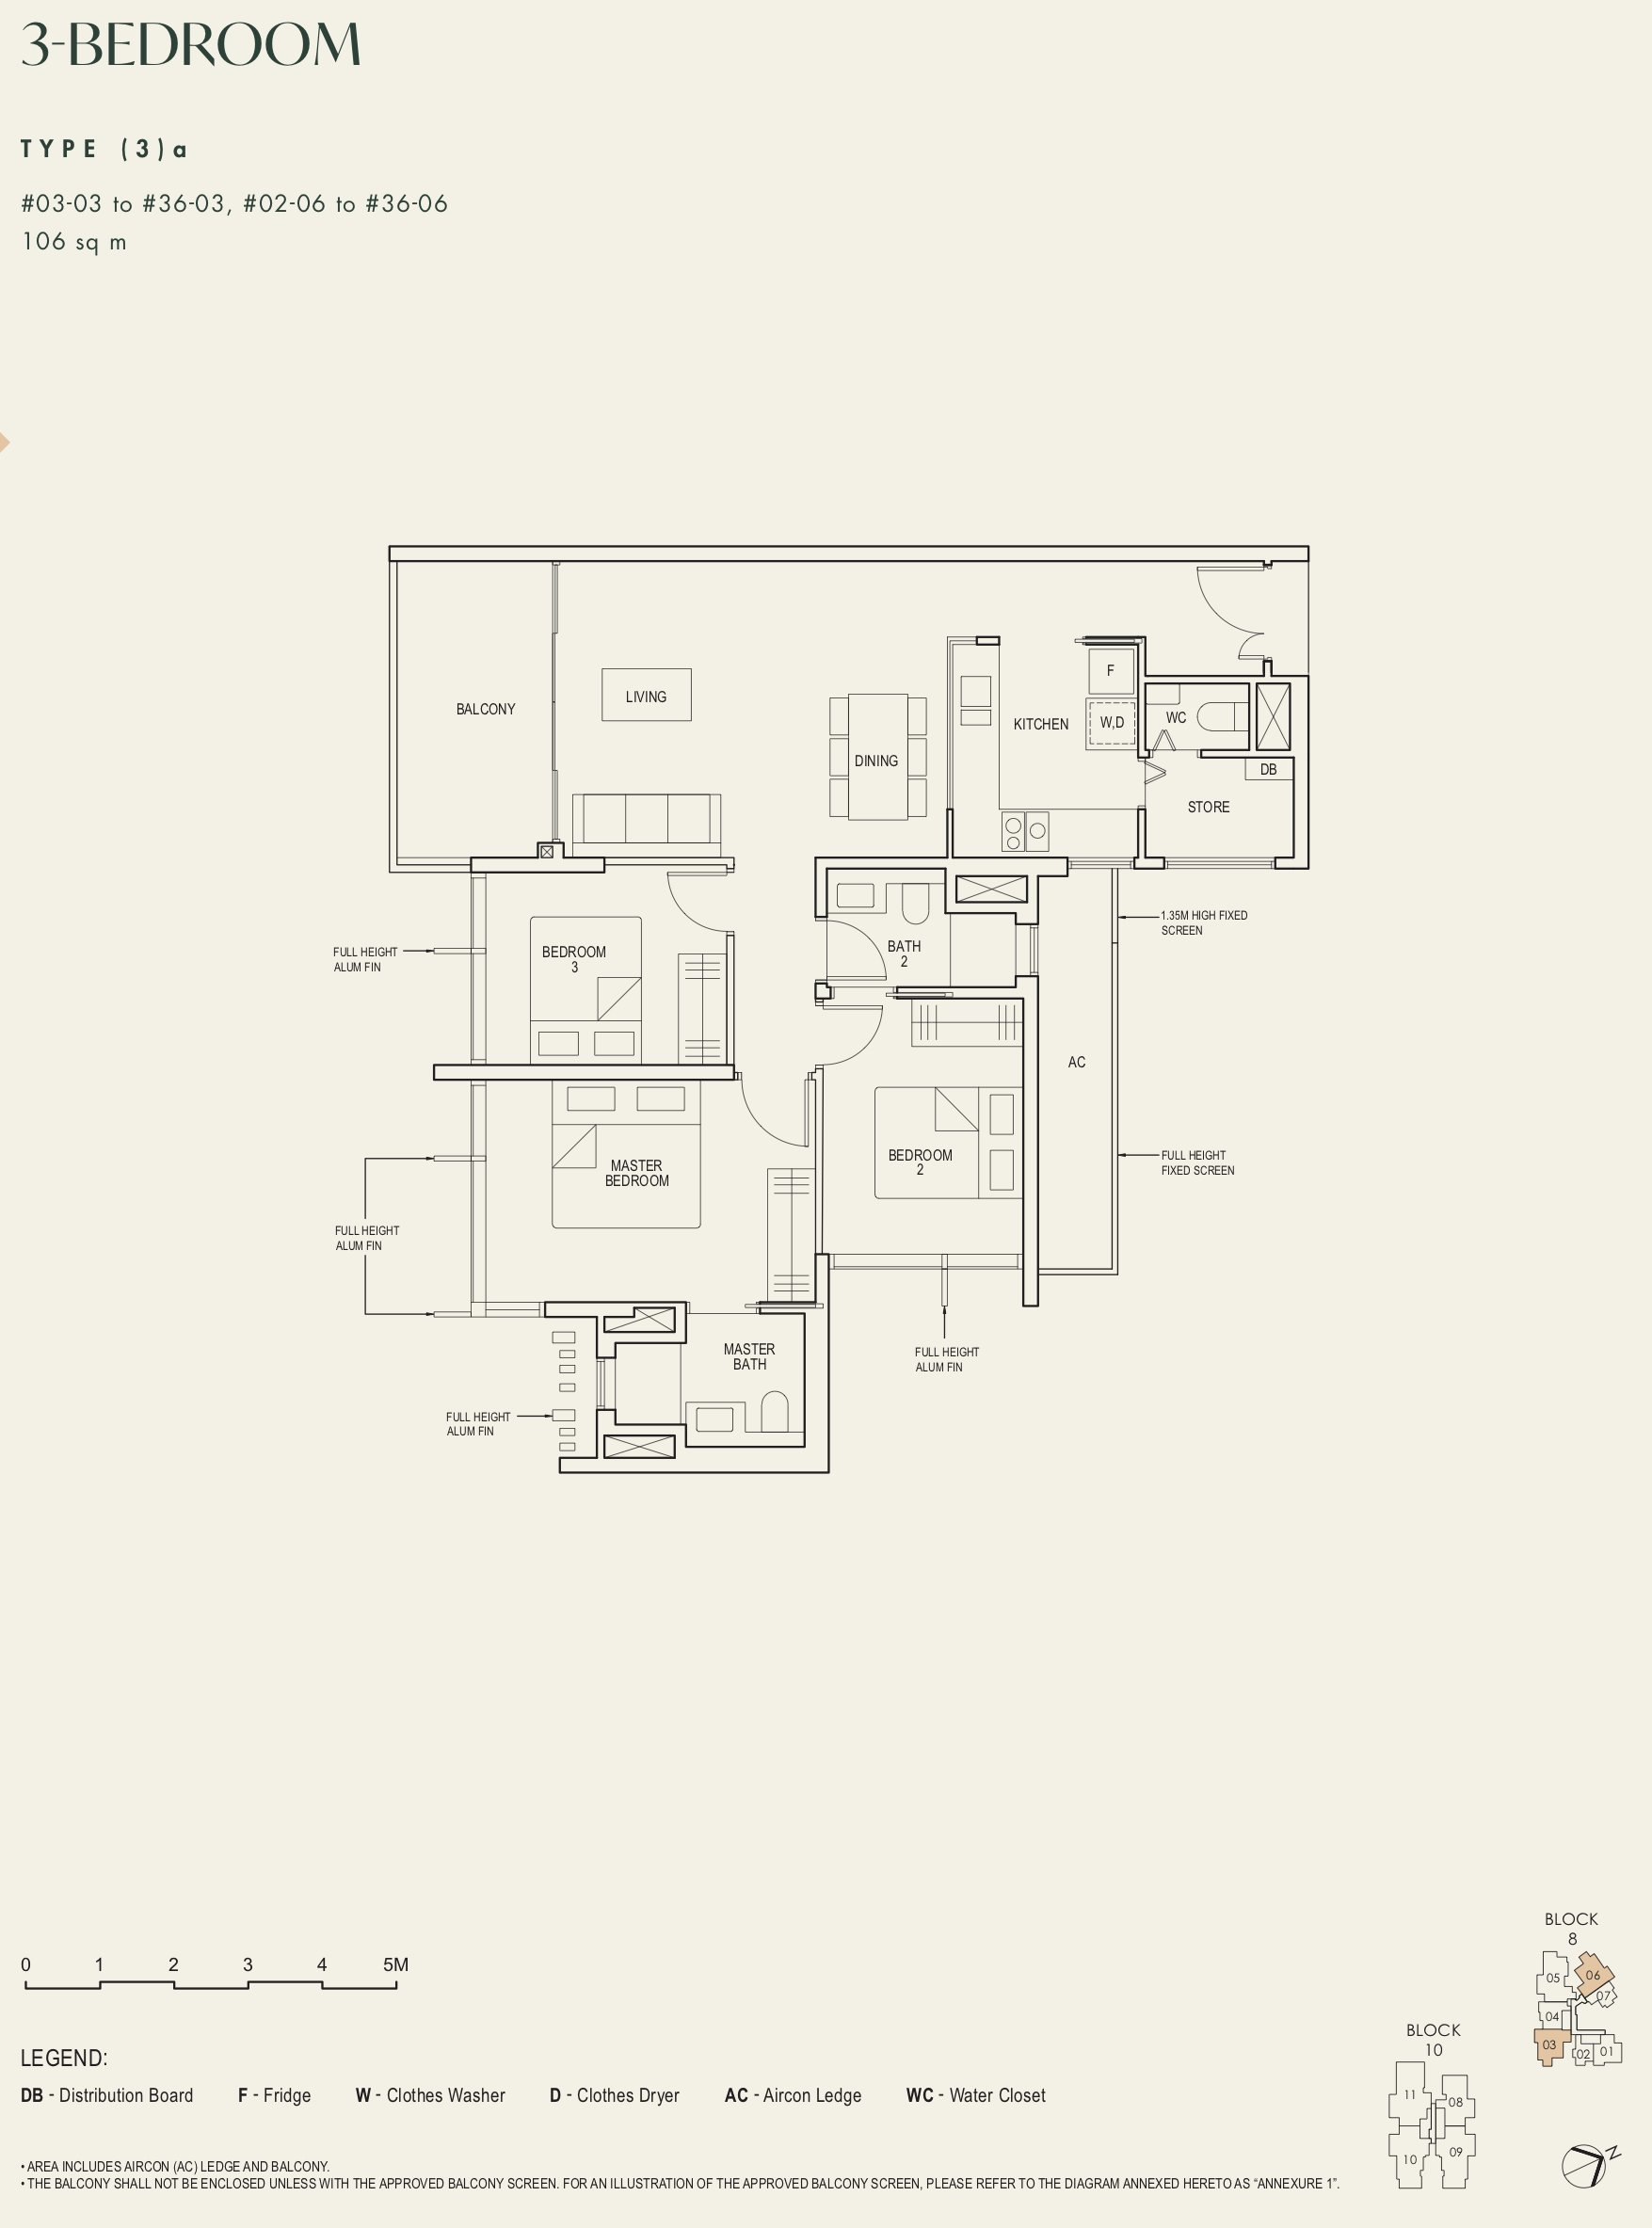 The Avenir 3 bedroom 3a floor plan